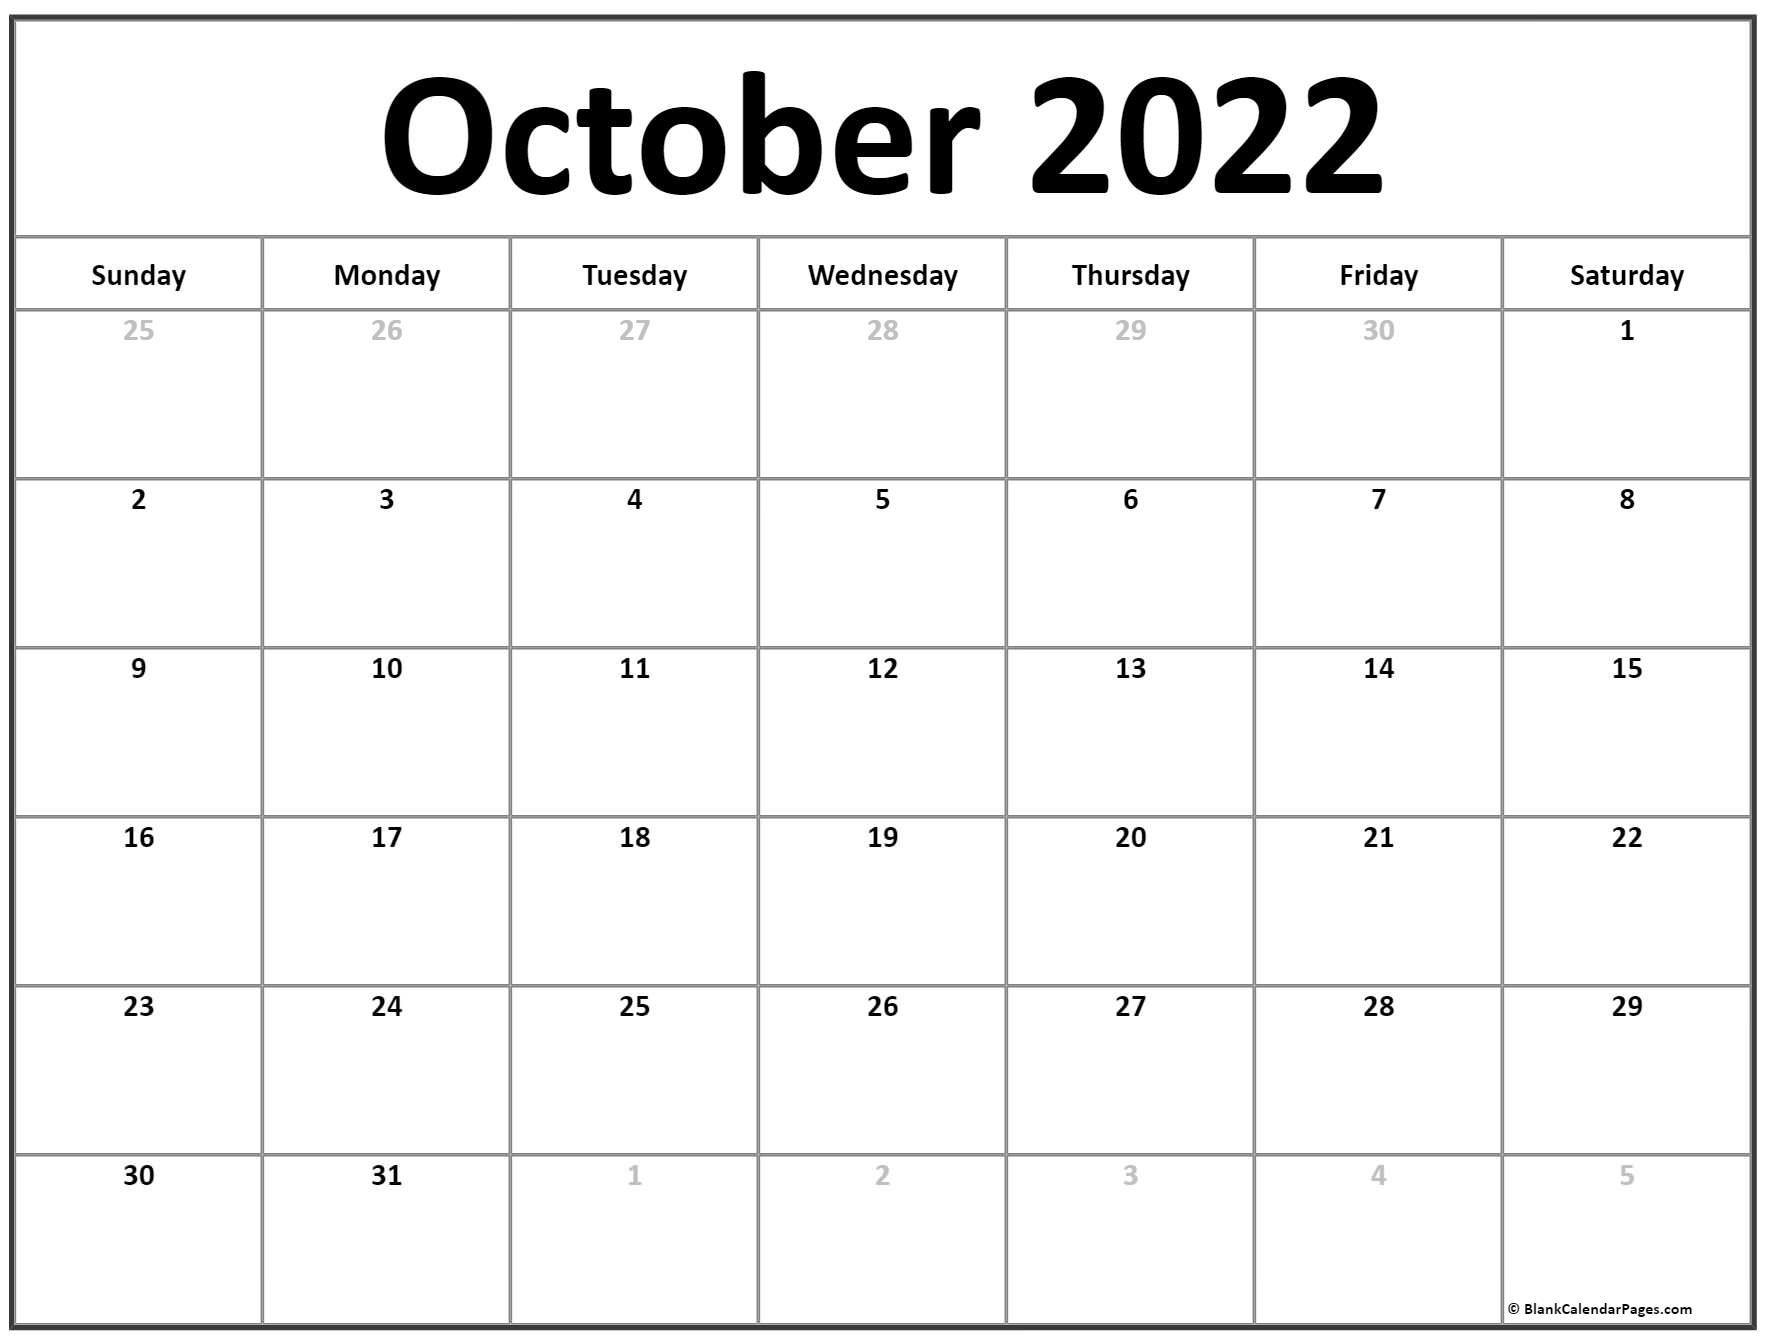 October 2022 Calendar   Free Printable Calendar Templates